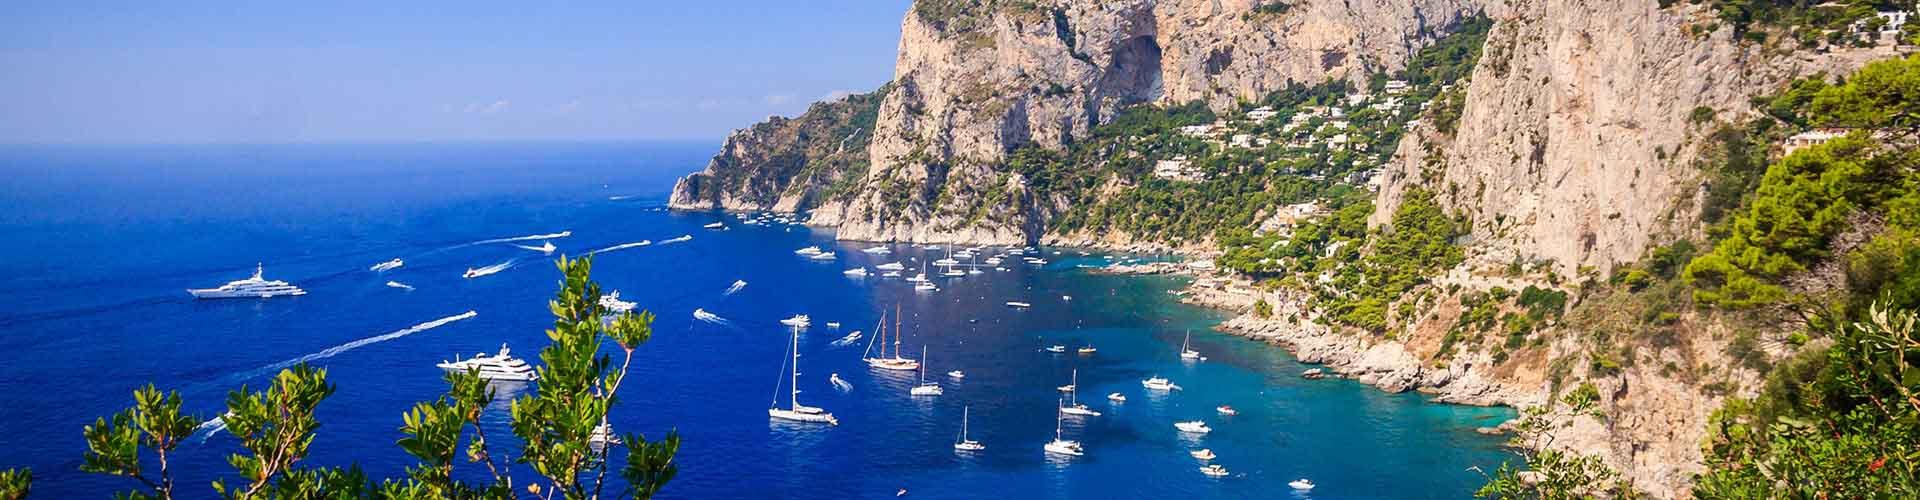 L'île de Capri - Hôtels à L'île de Capri. Cartes pour L'île de Capri, photos et commentaires pour chaque hôtel à L'île de Capri.